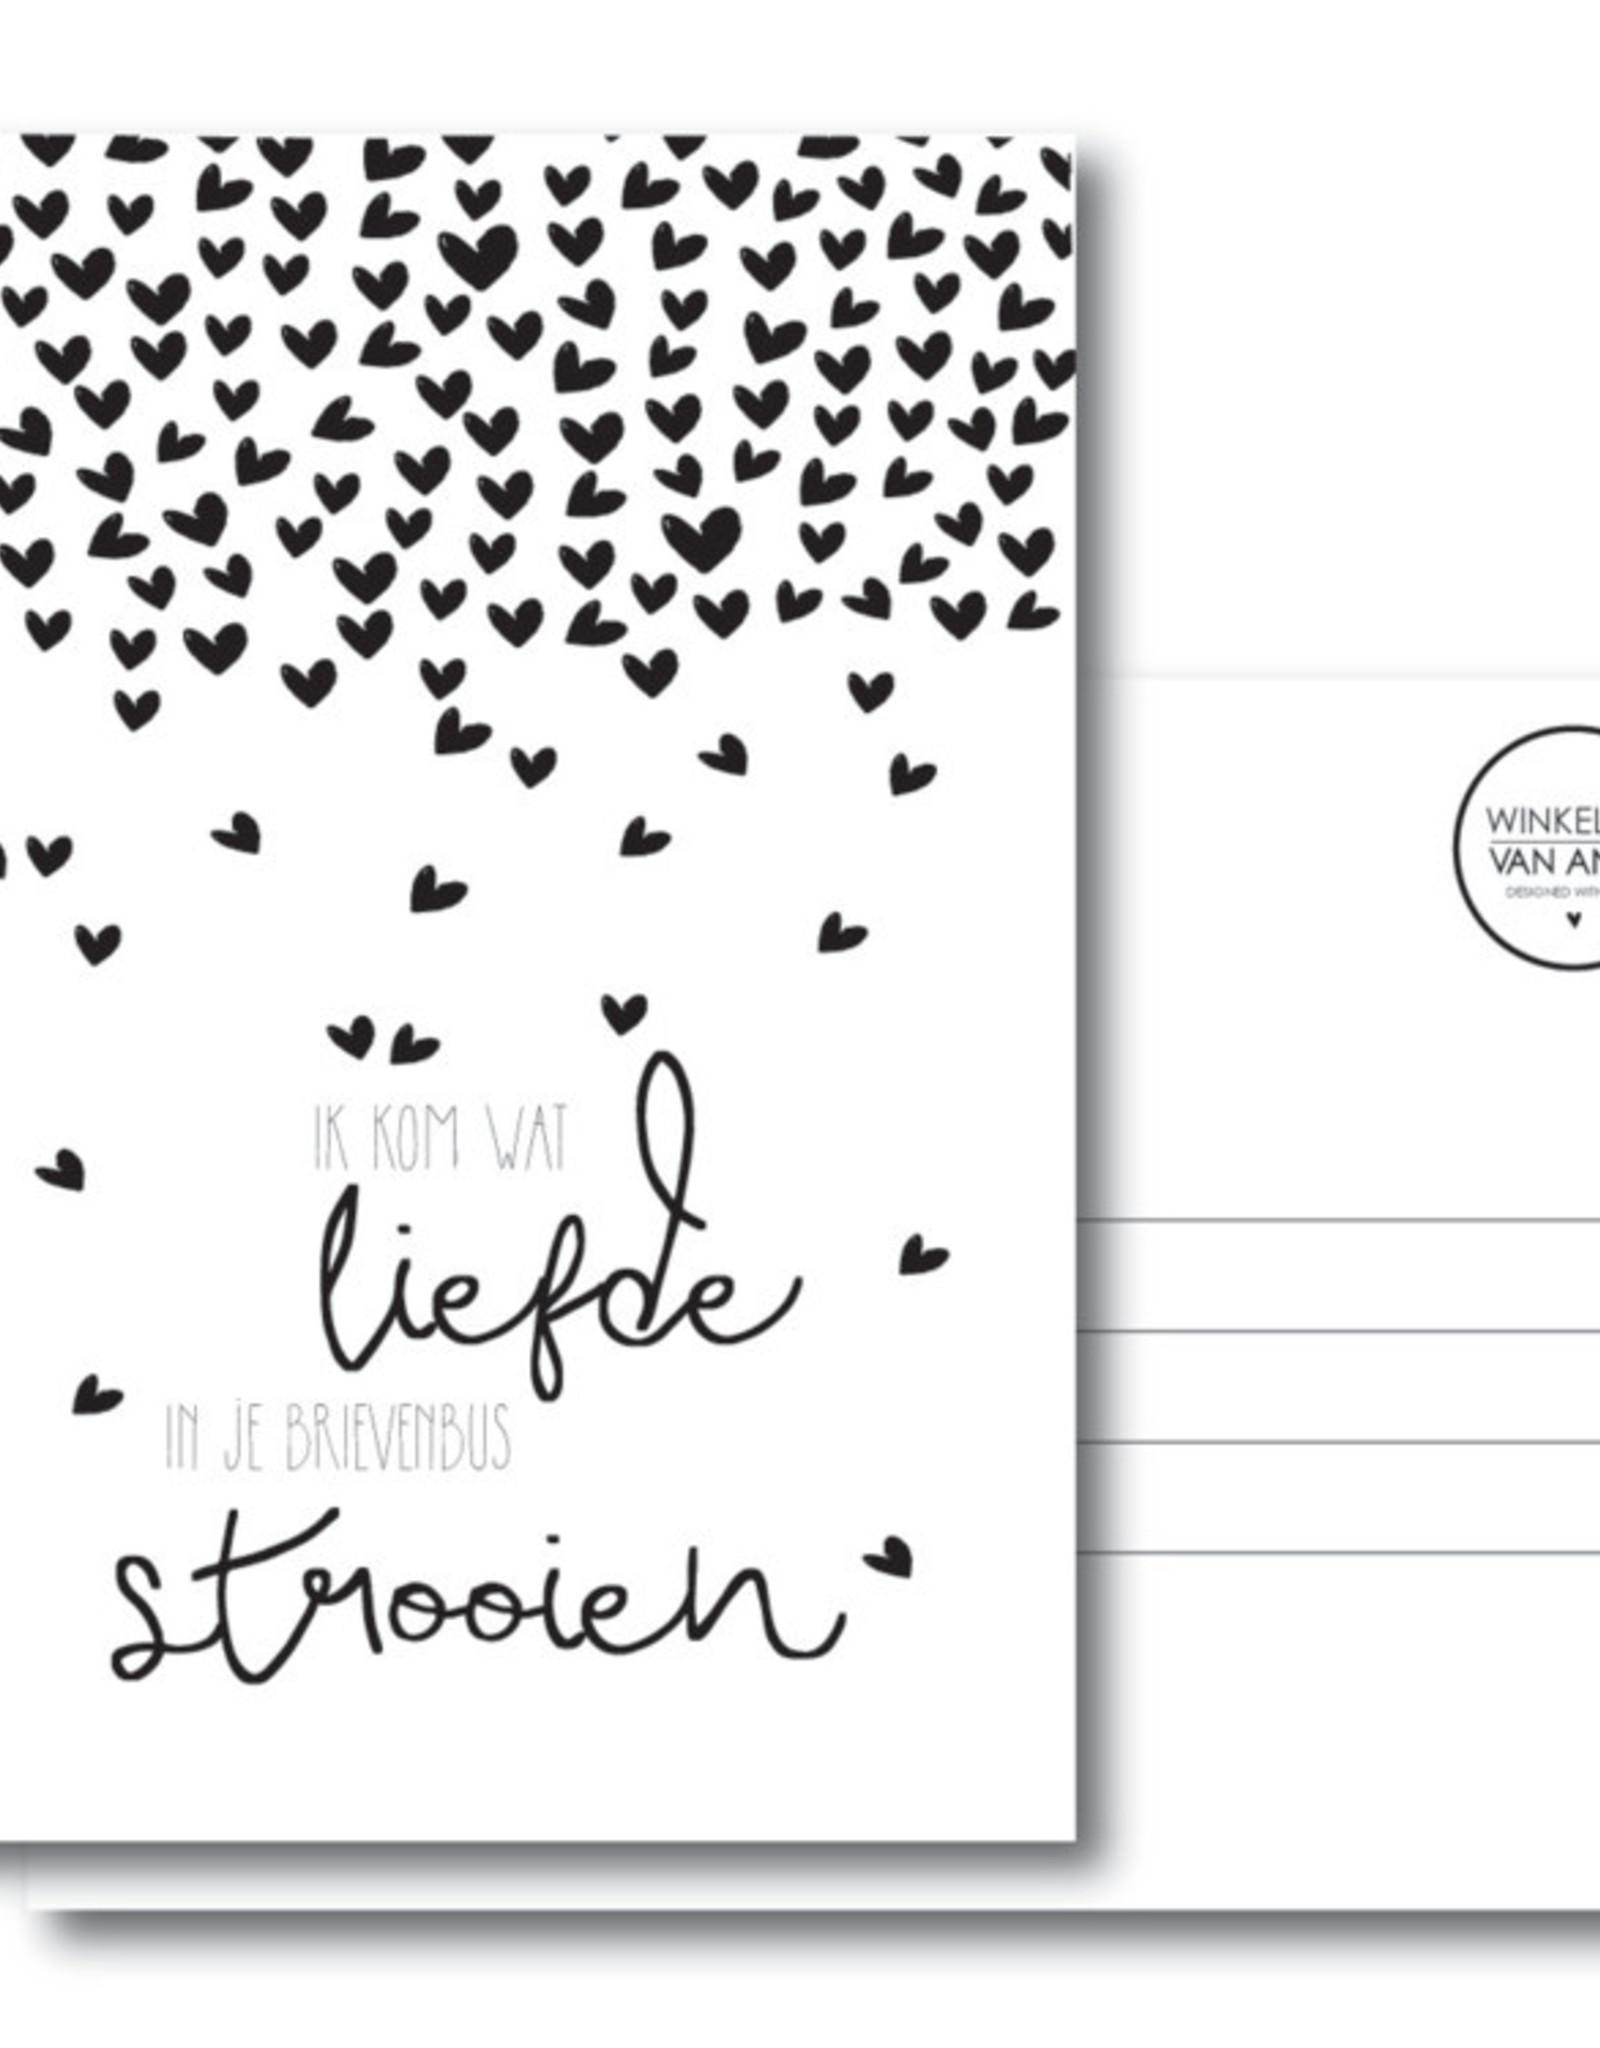 Winkeltje van Anne kaart a6 winkeltje van anne: Ik kom wat liefde in je brievenbus strooien